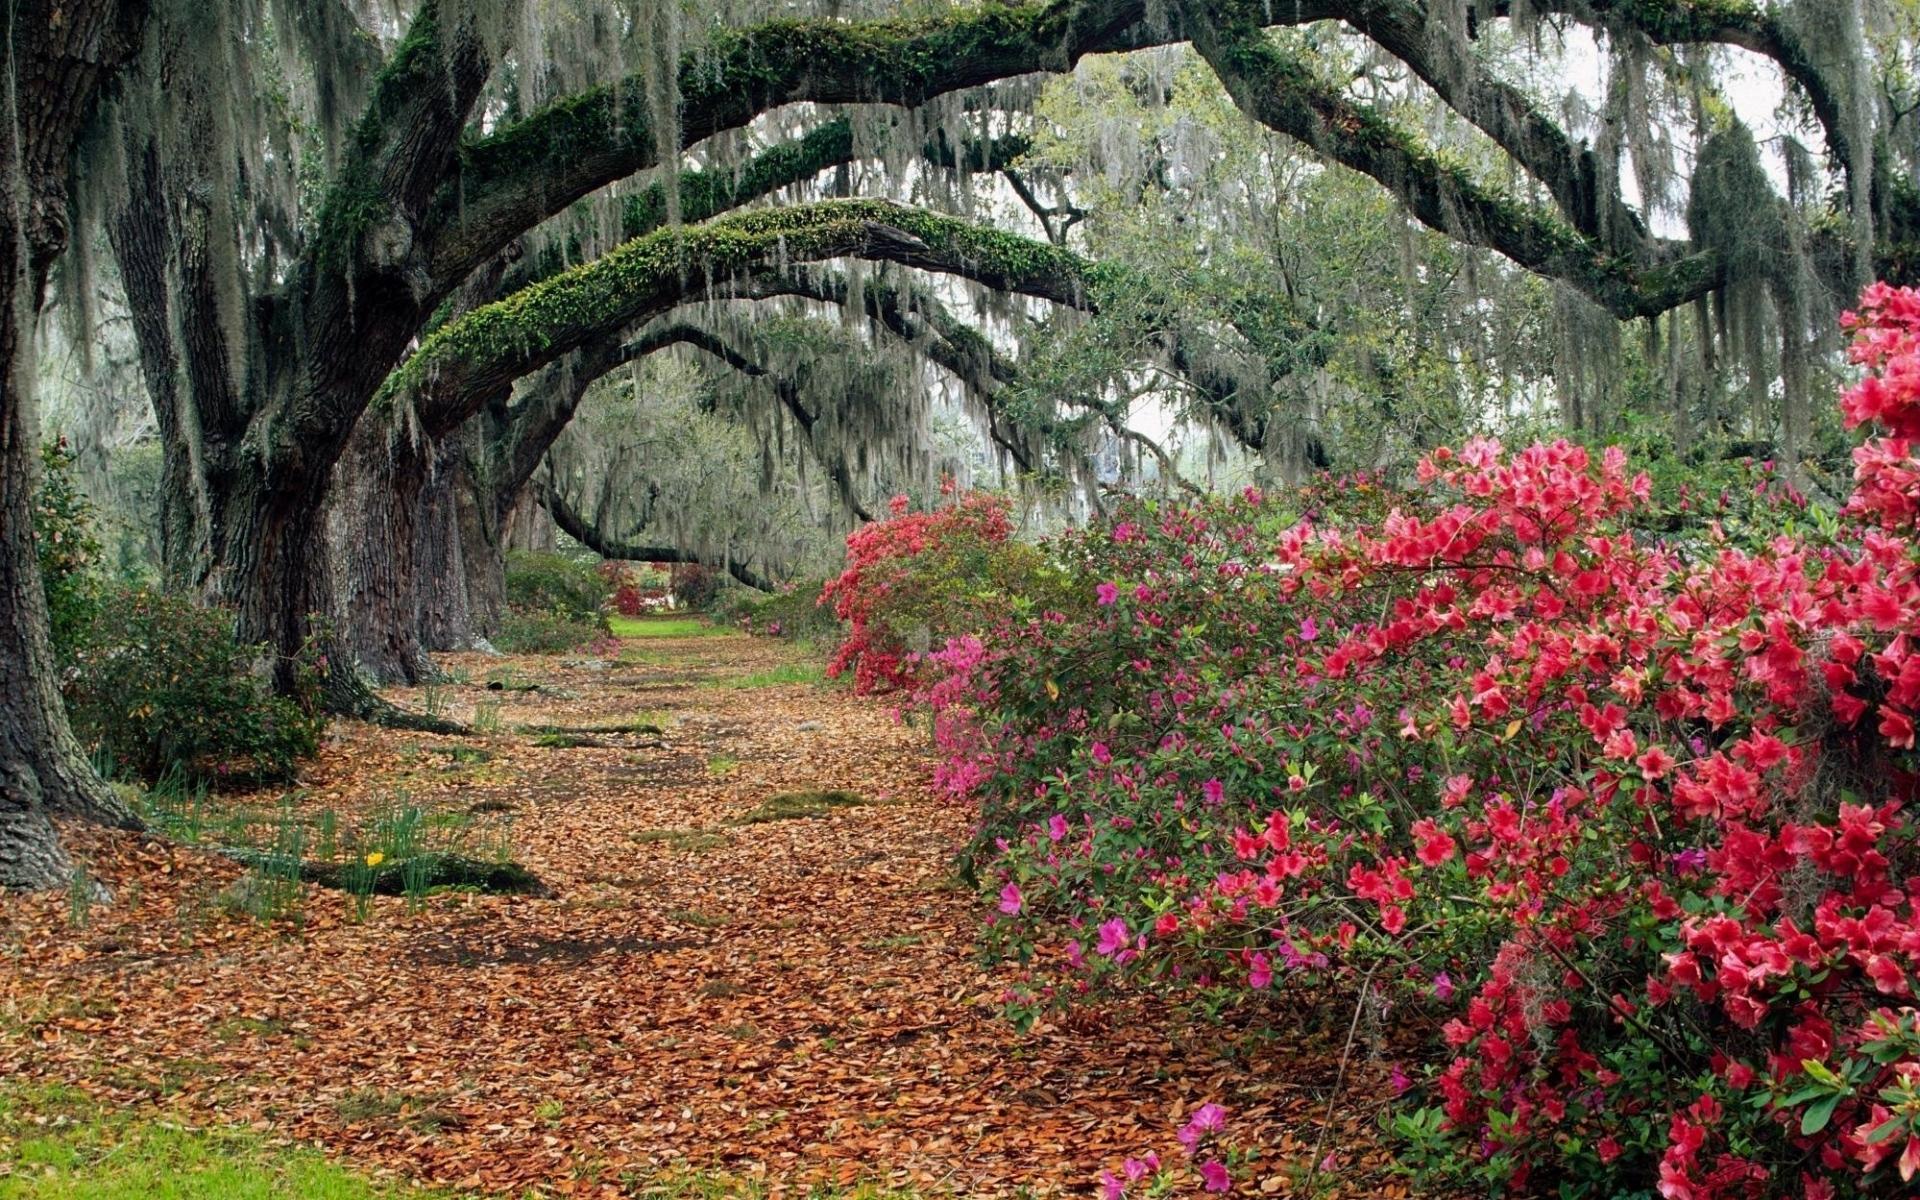 Картинки Парк, цветы, деревья, ветви, листья, осень, магнолии фото и обои на рабочий стол